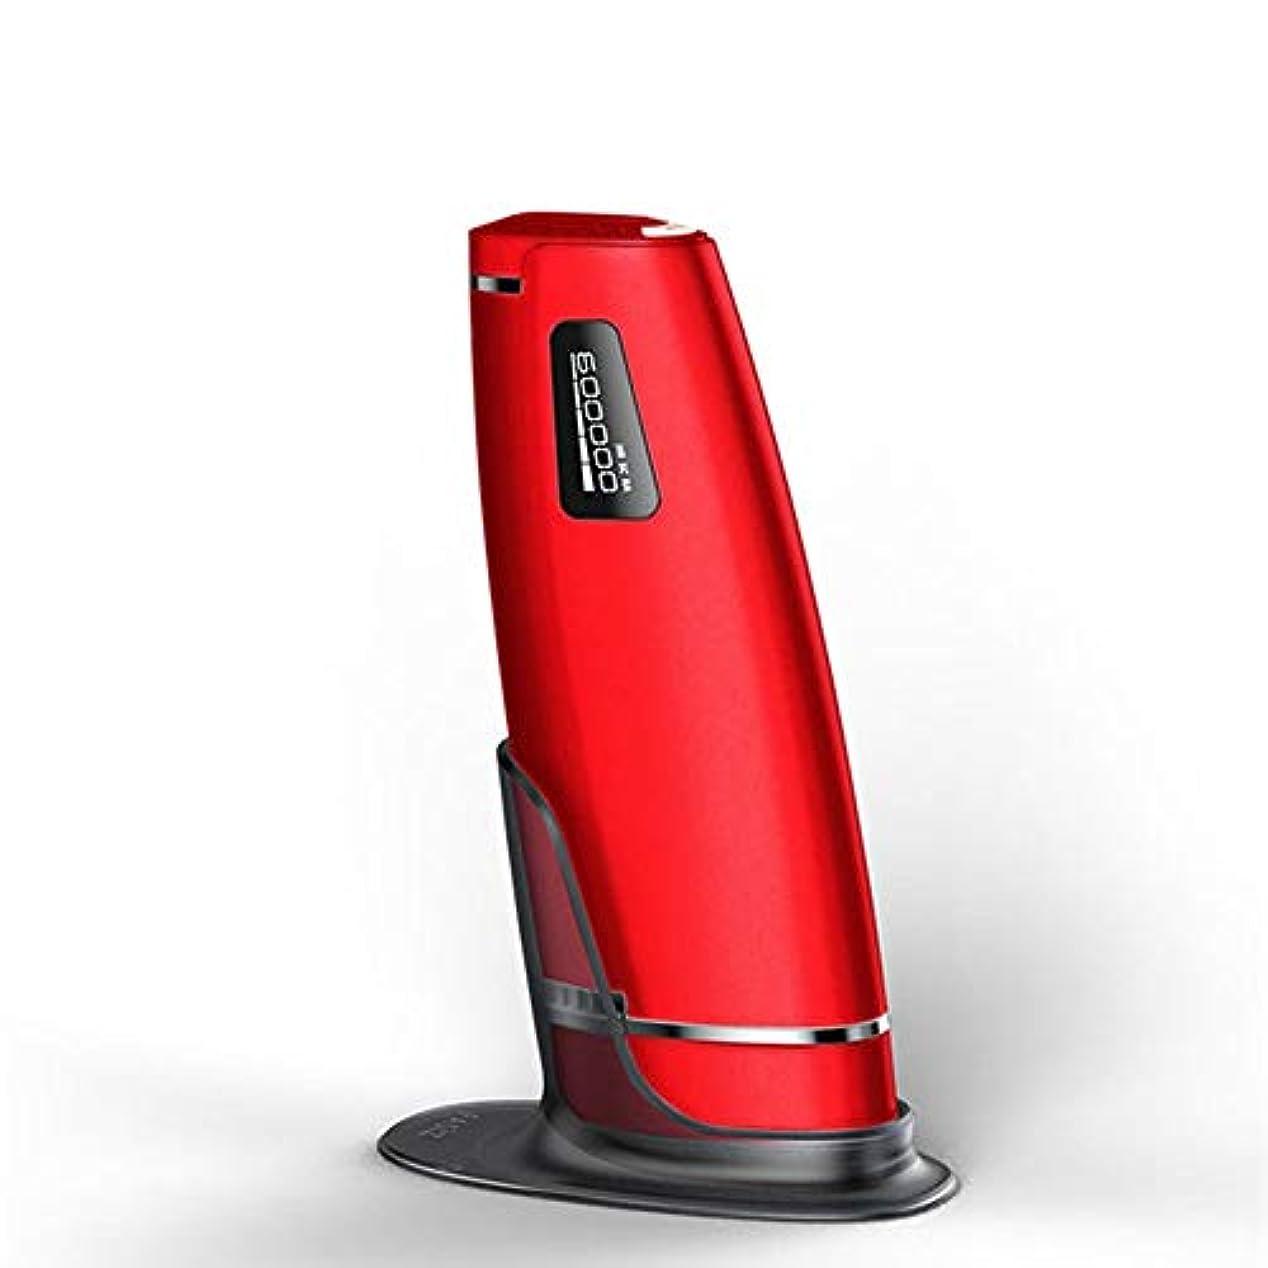 個人的にハッチやろうNuanxin 赤、デュアルモード、ホームオートマチック無痛脱毛剤、携帯用永久脱毛剤、5スピード調整、サイズ20.5 X 4.5 X 7 Cm F30 (Color : Red)